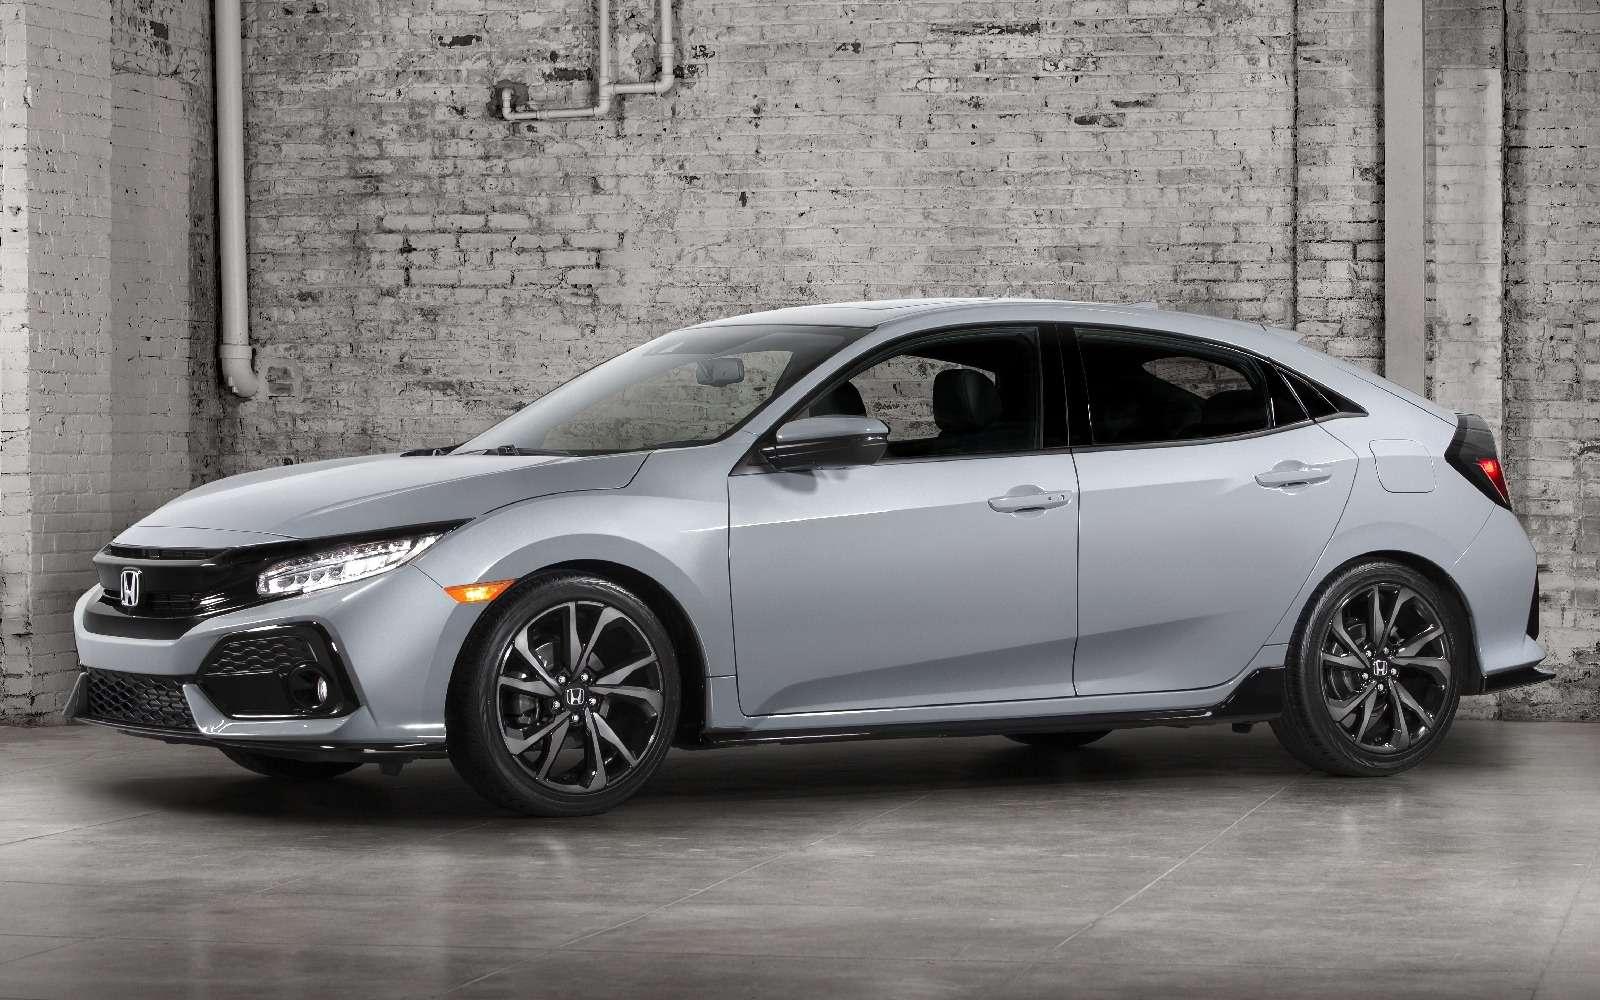 Honda Civic хэтчбек: первые фото серийной модели нового поколения— фото 619566